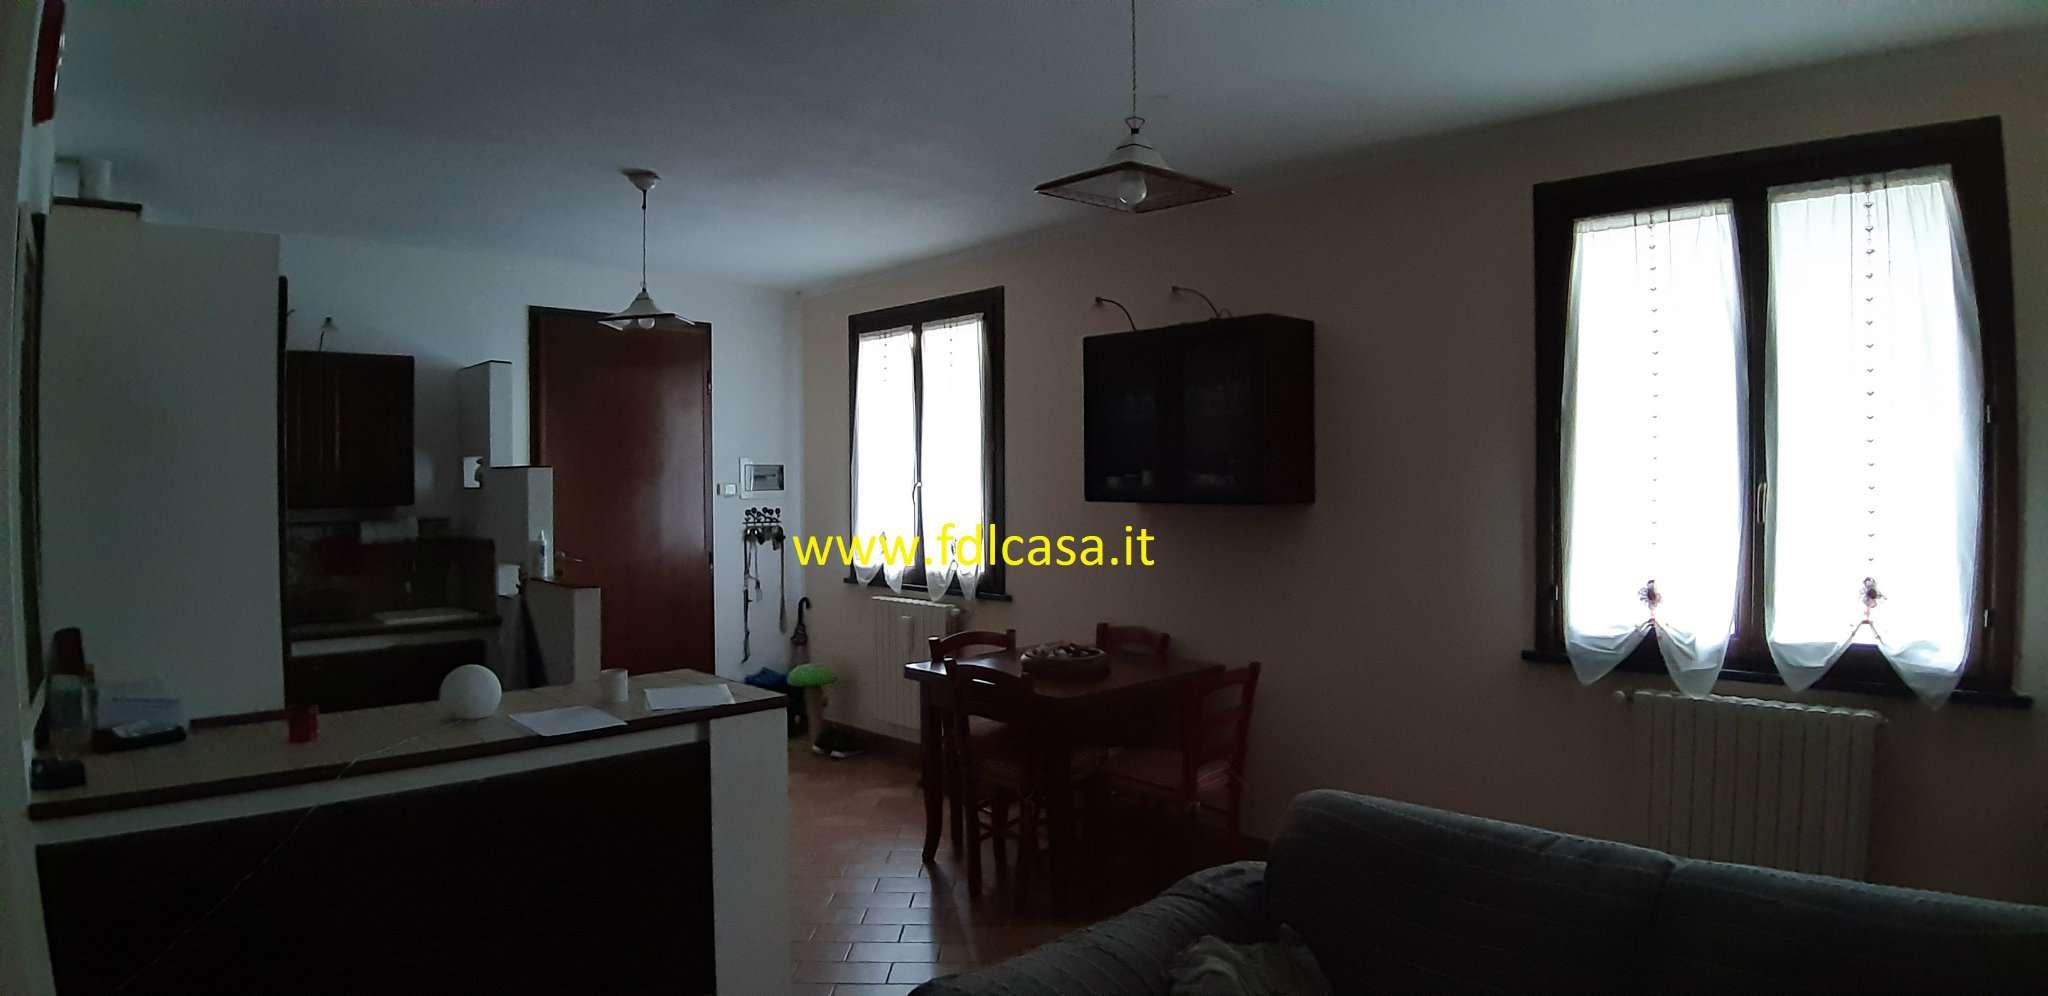 Appartamento in vendita a Casciana Terme Lari, 5 locali, prezzo € 129.000 | PortaleAgenzieImmobiliari.it